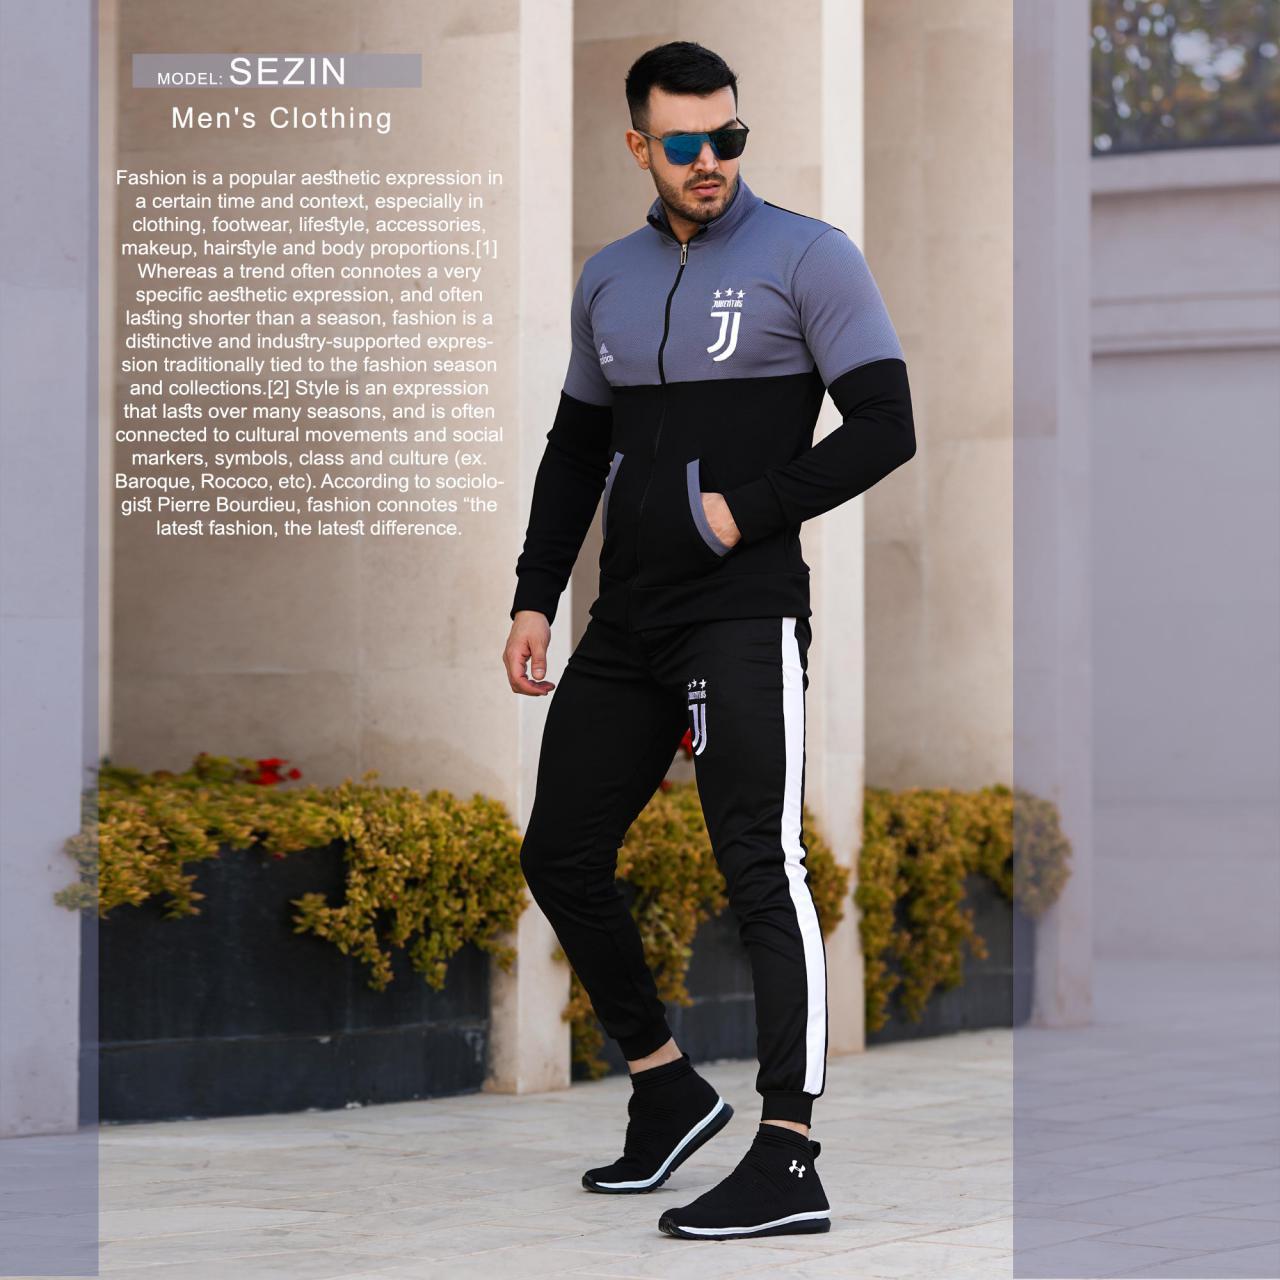 ست سویشرت و شلوار مردانه مدل Sezin